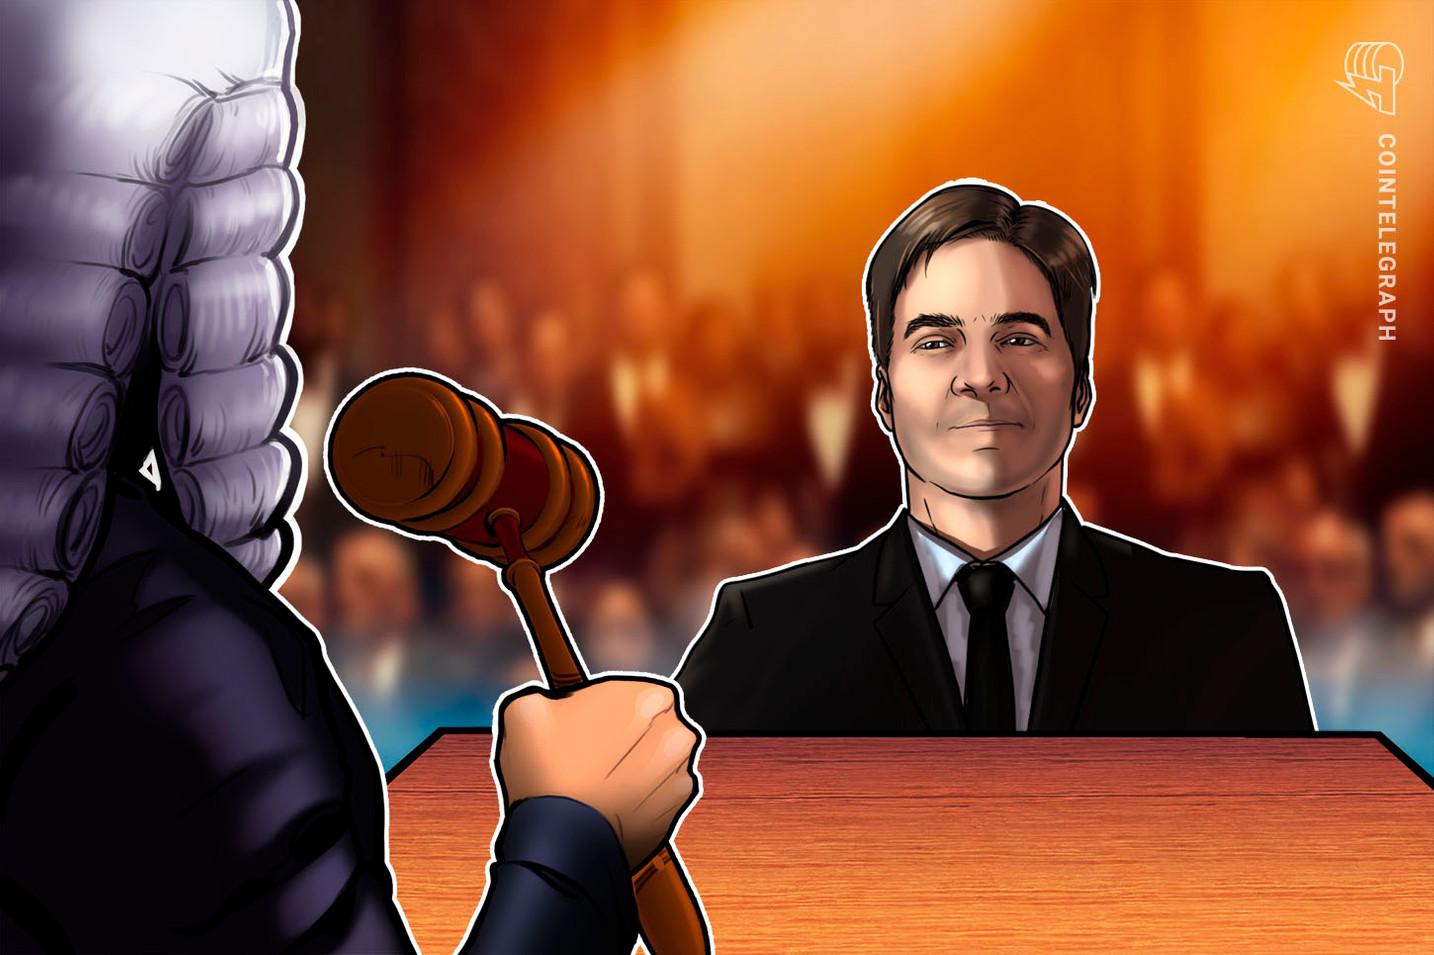 クレイグ・ライトの弁護士、ハリケーンなど理由に猶予求める 巨額ビットコイン支払い要求判決で